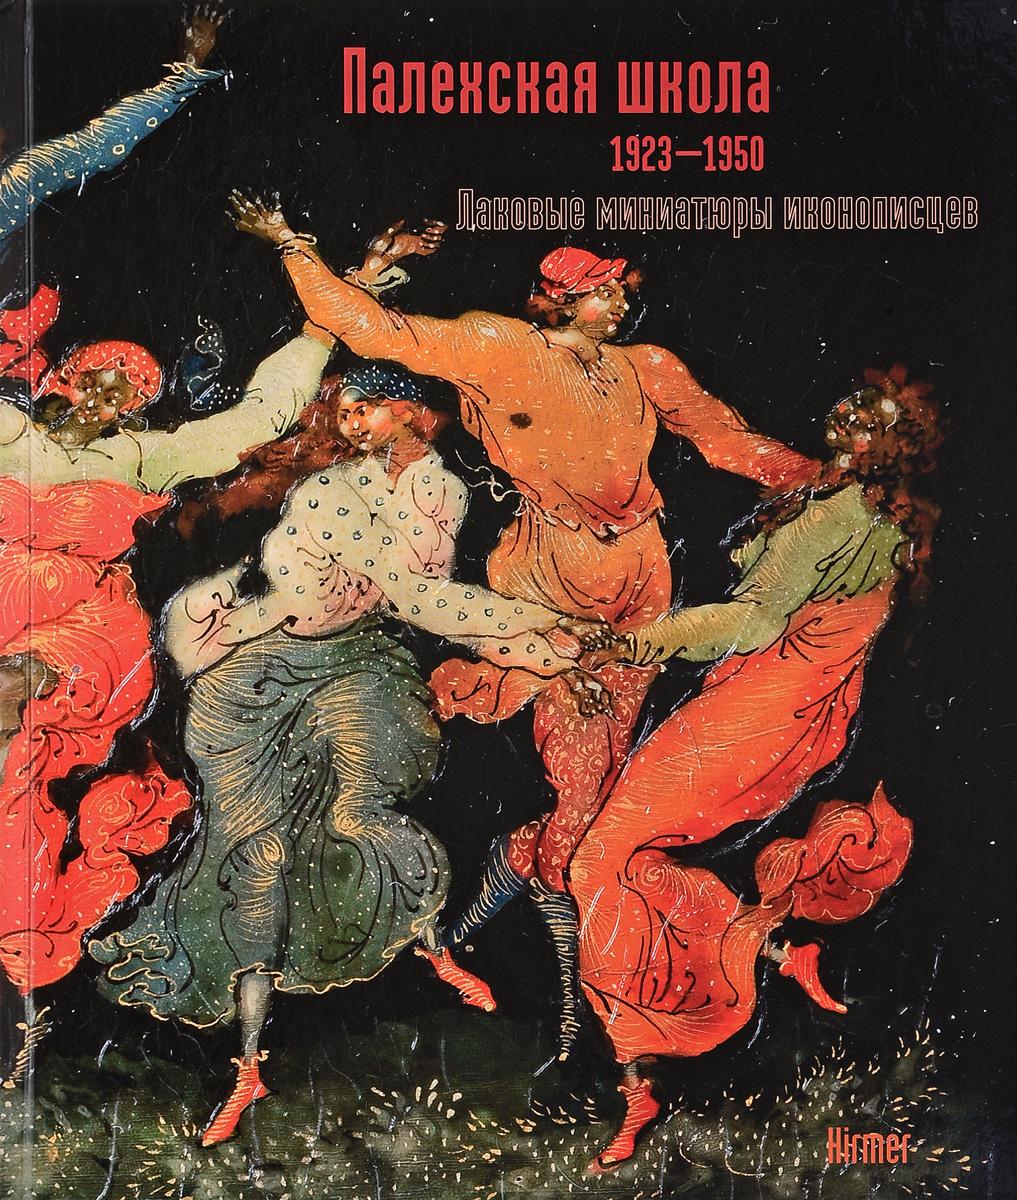 цена на Палехская школа 1921-1950. Лаковые миниатюры иконописцев